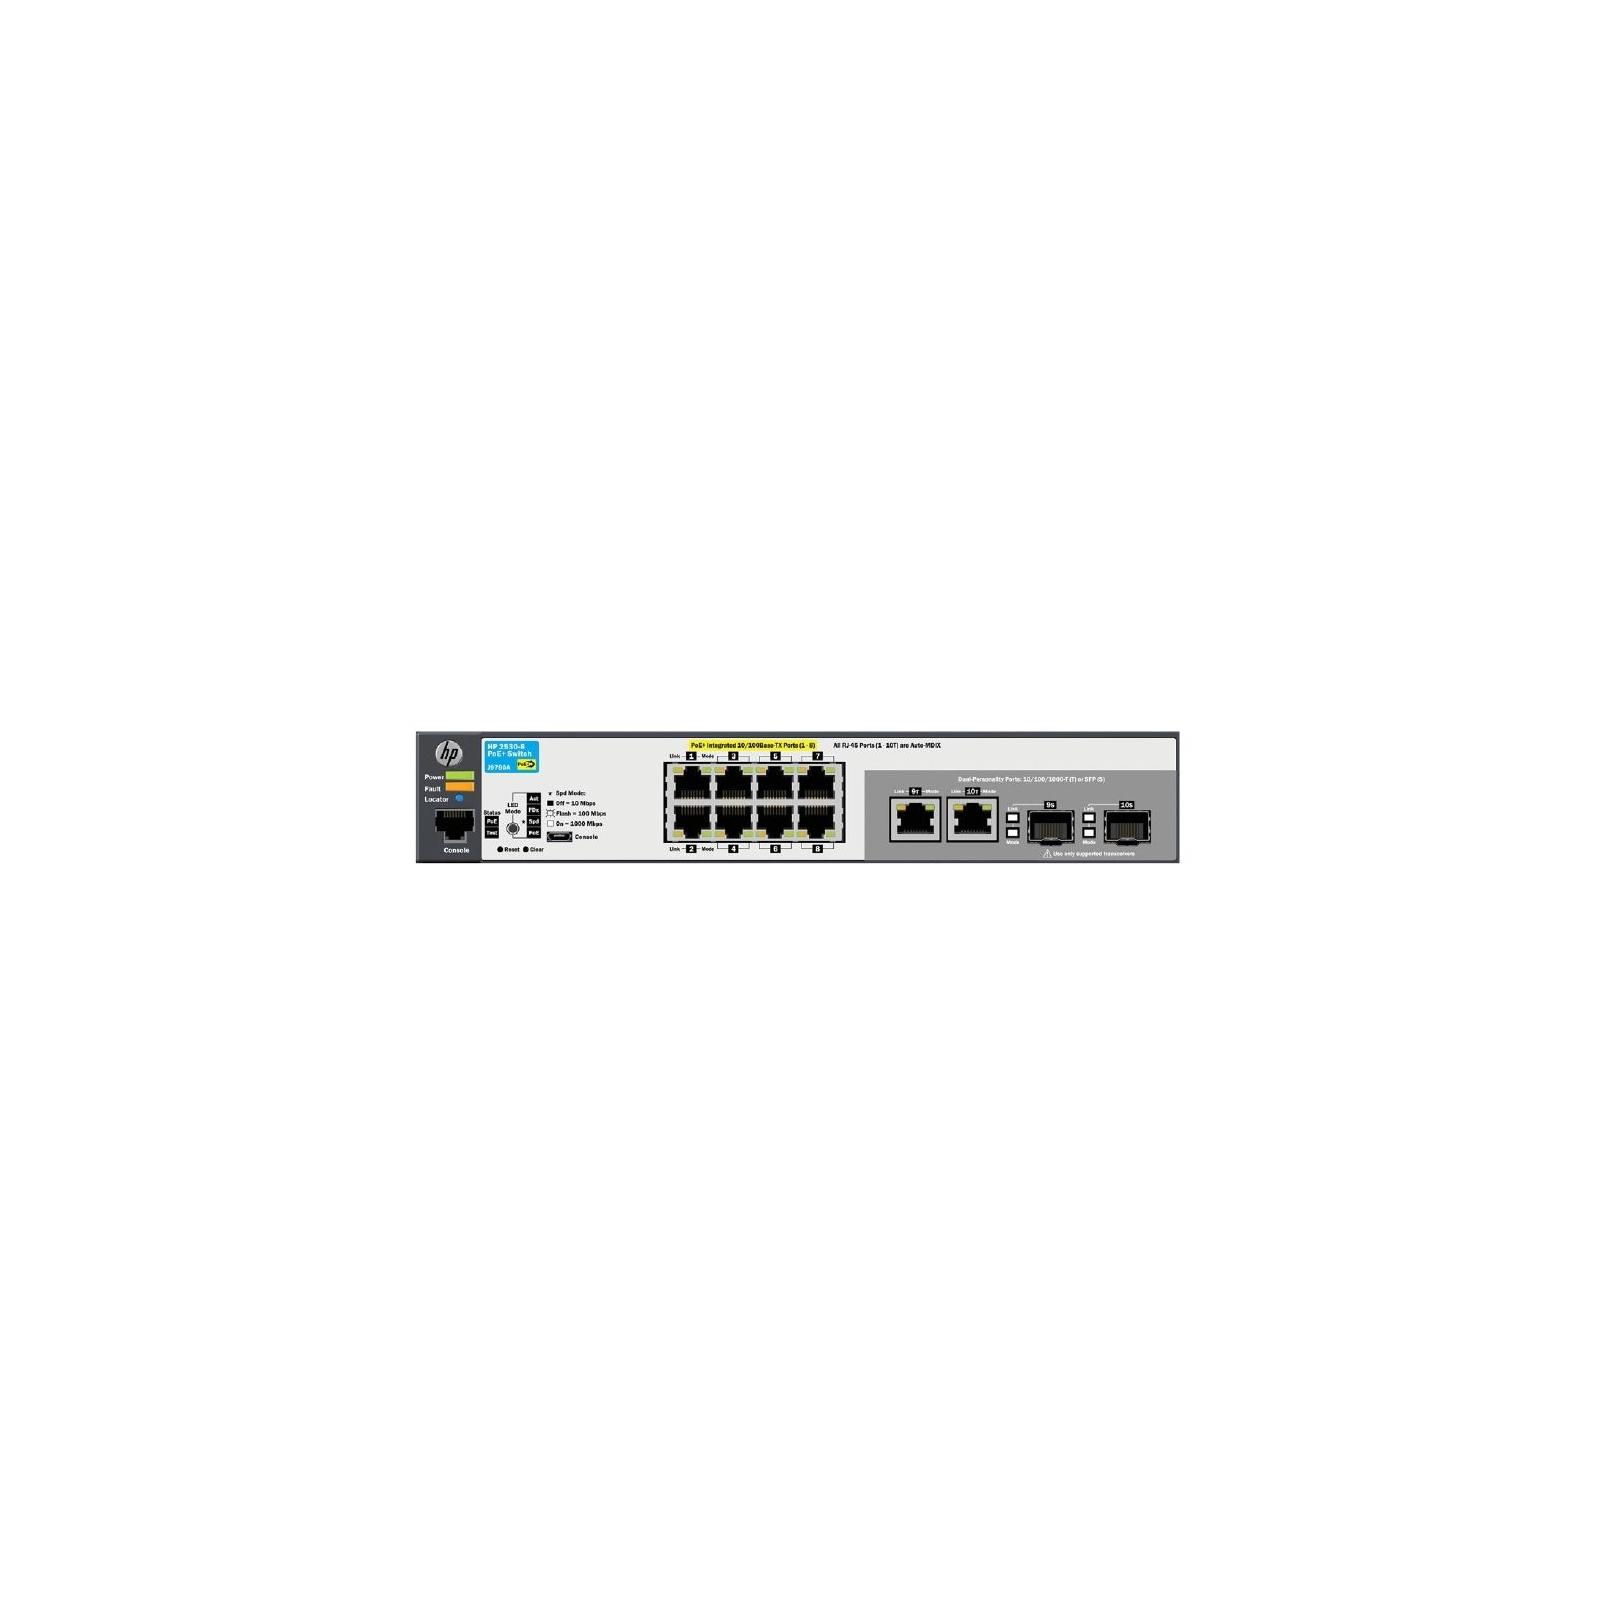 Коммутатор сетевой HP 2530-8-PoE+ (J9780A) изображение 2